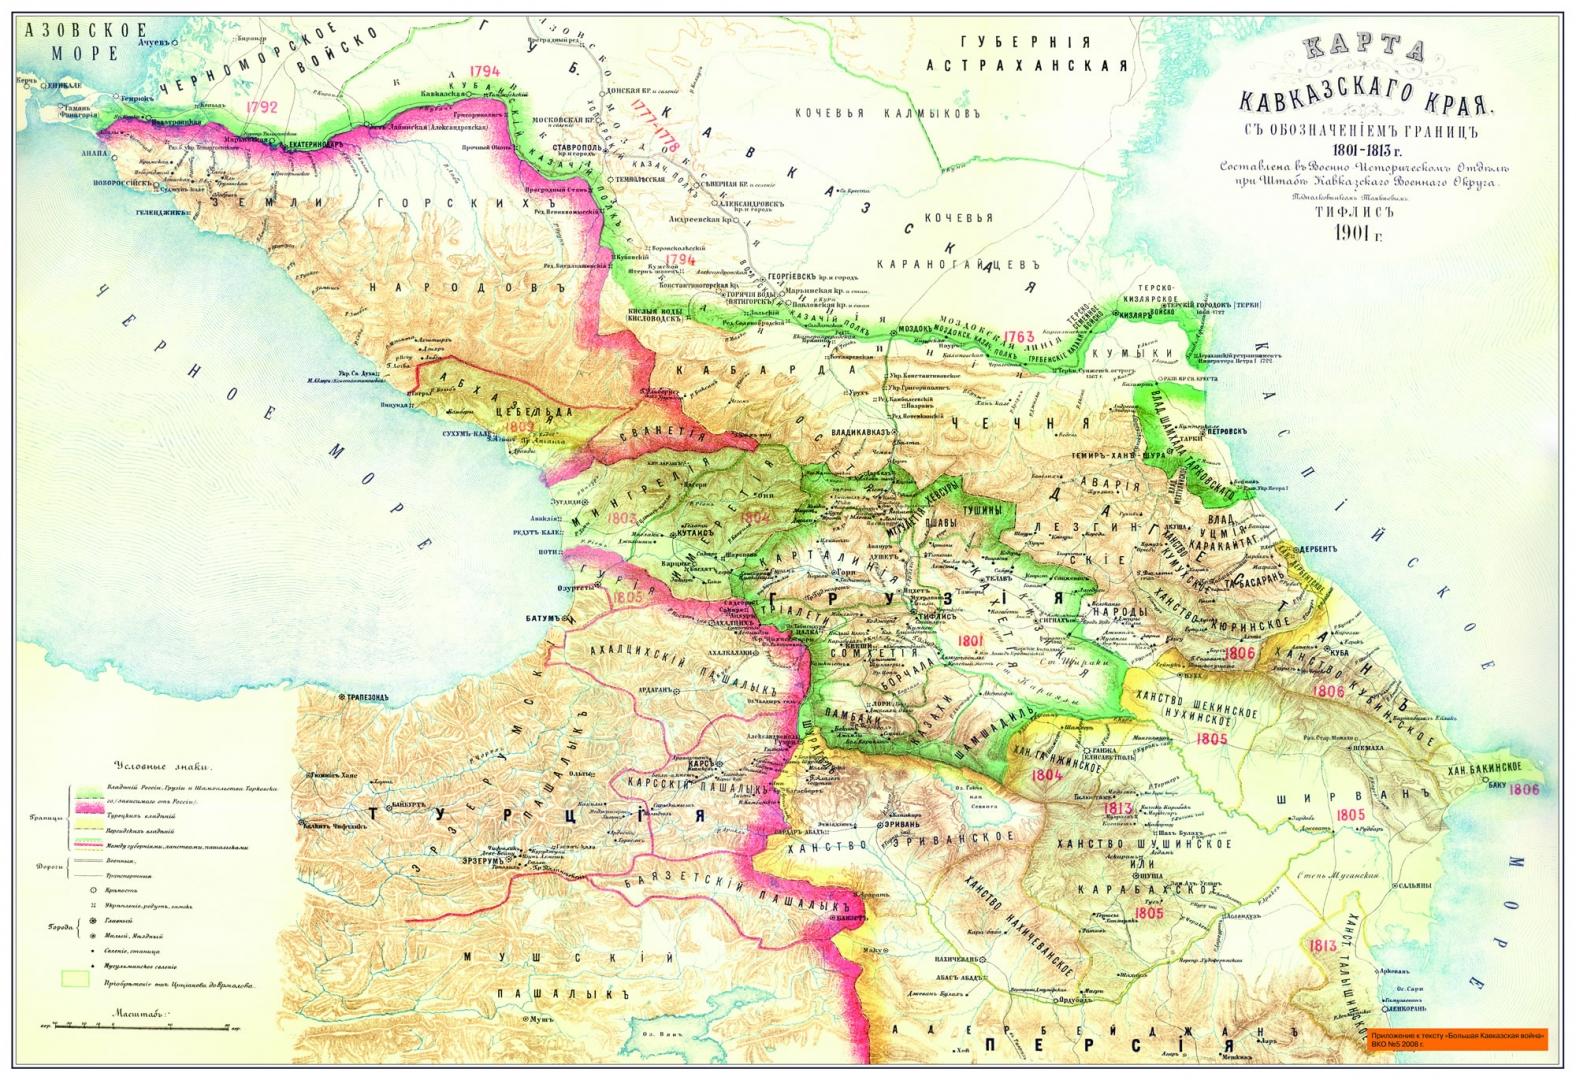 присоединение восточной грузии